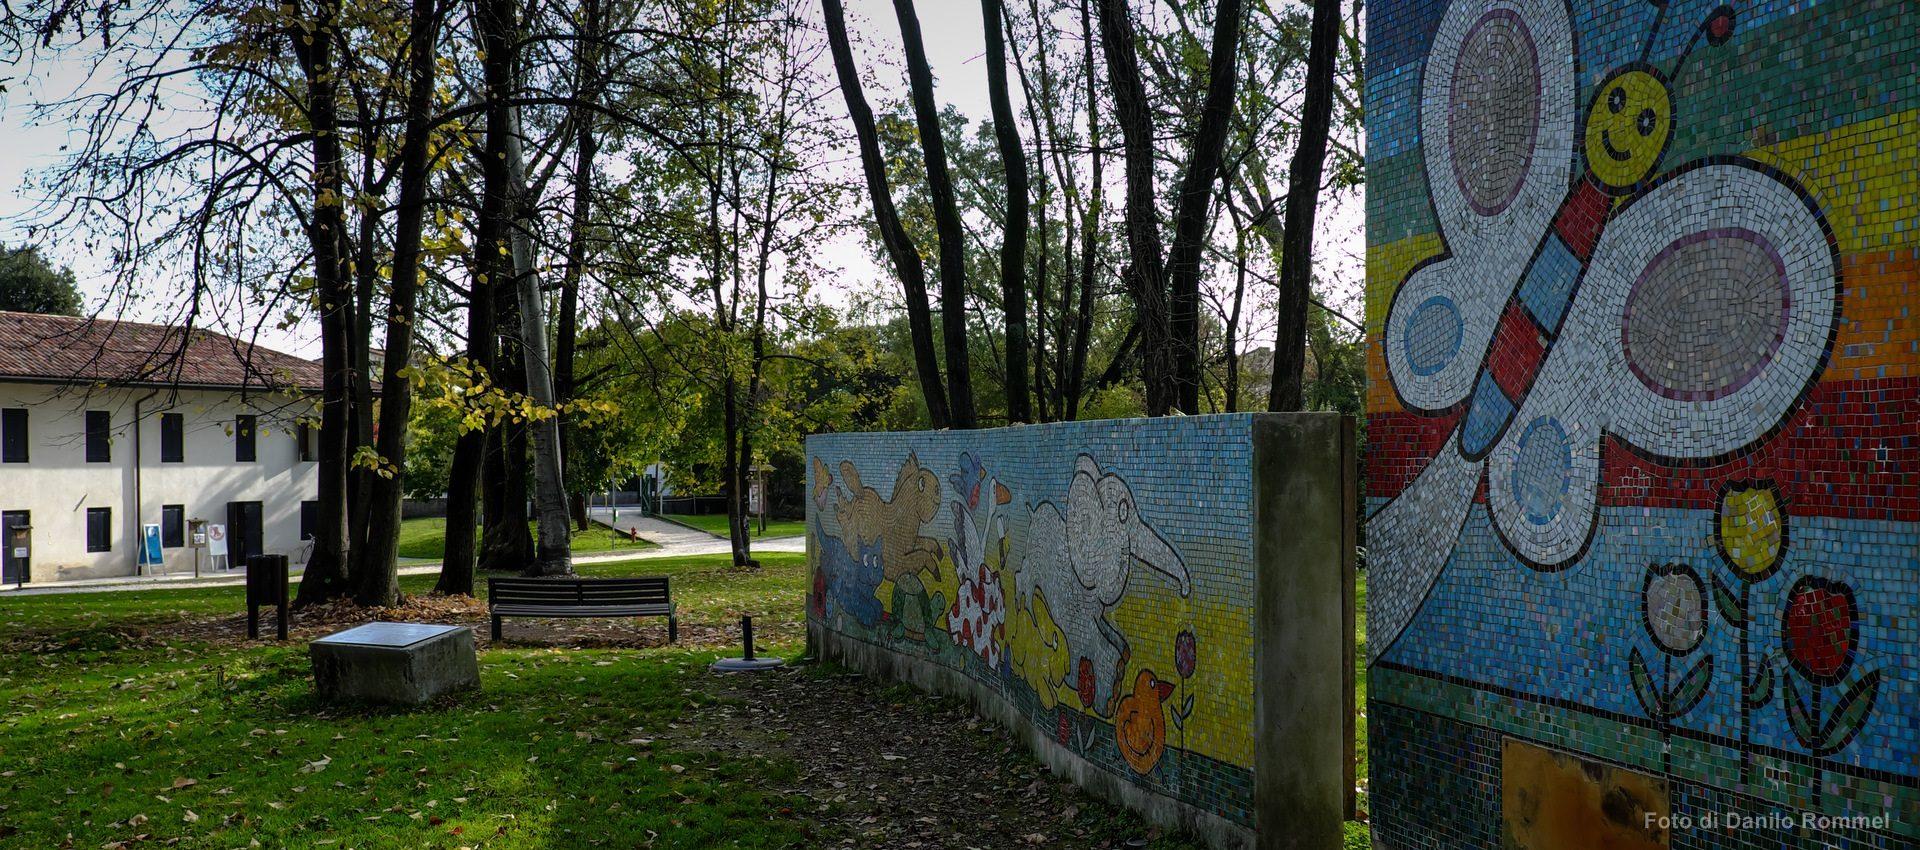 Murales colorato con la Pimpa di Altan scattata nel Parco di san Valentino a Pordenone